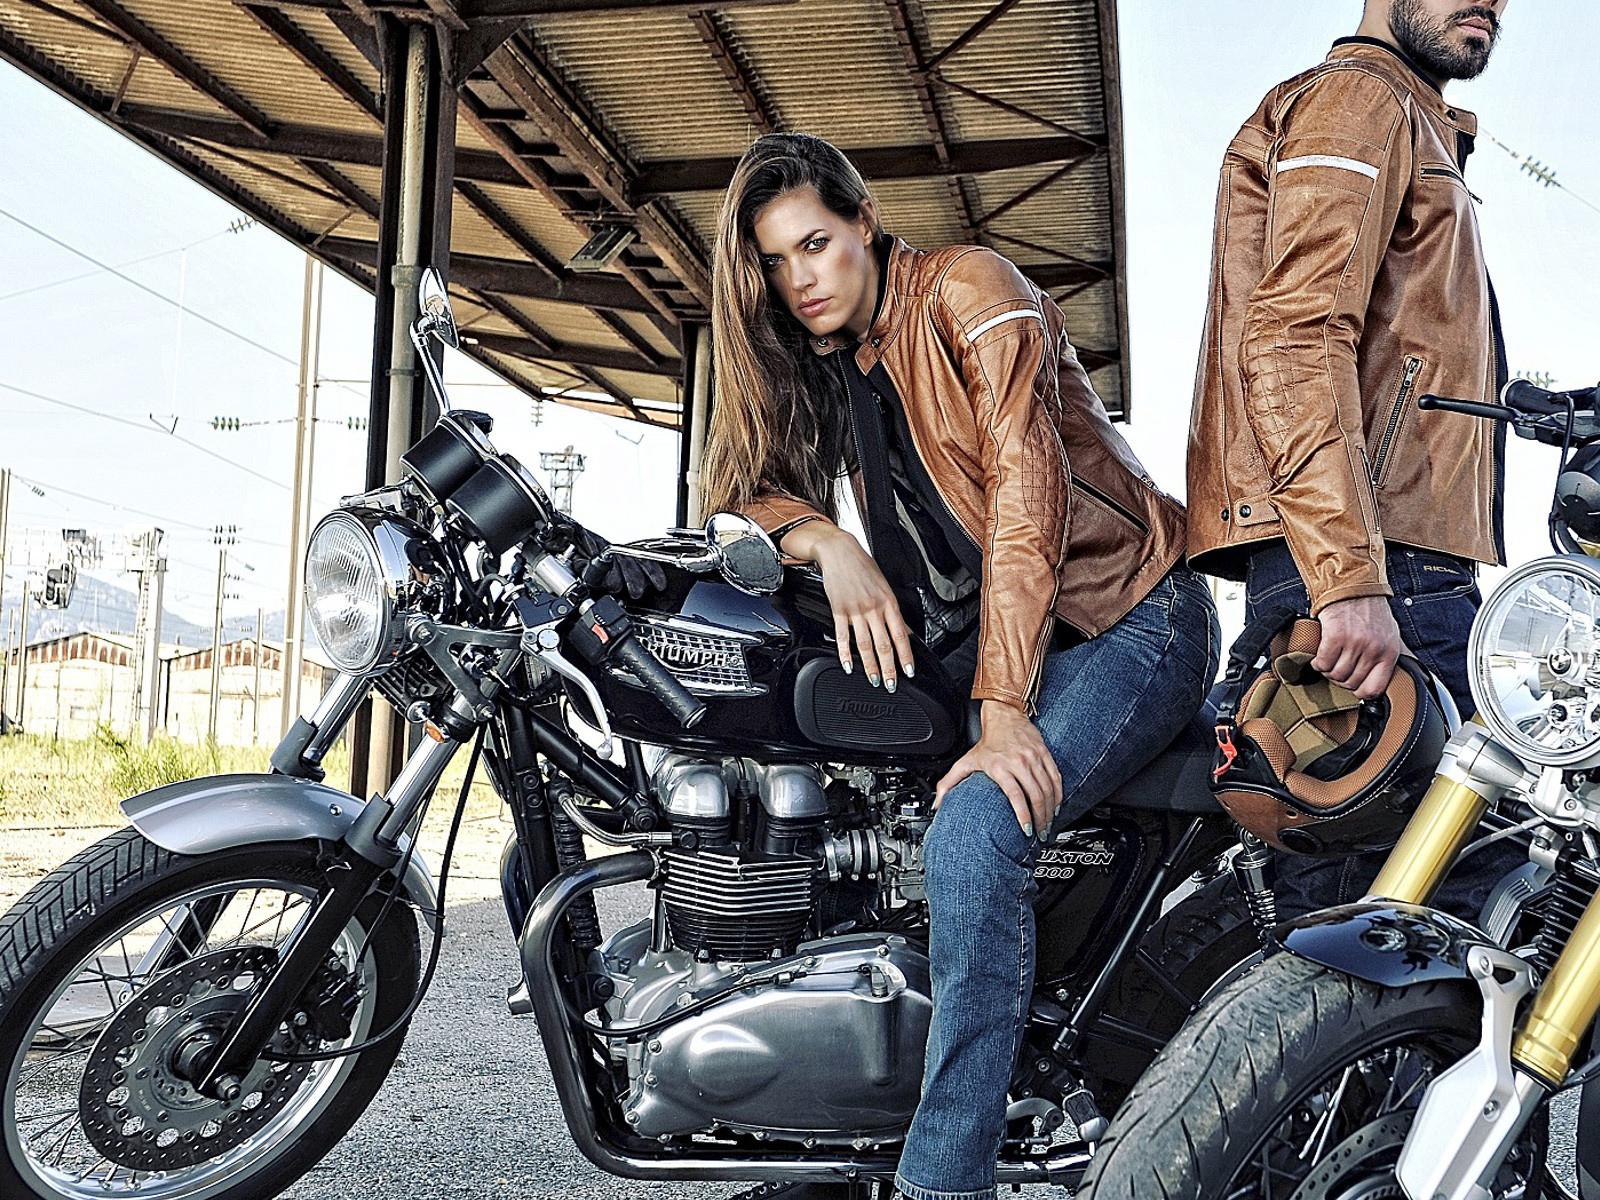 promotions sur les grandes marques de vestes en cuir marseille revacuir guide boutiques de. Black Bedroom Furniture Sets. Home Design Ideas